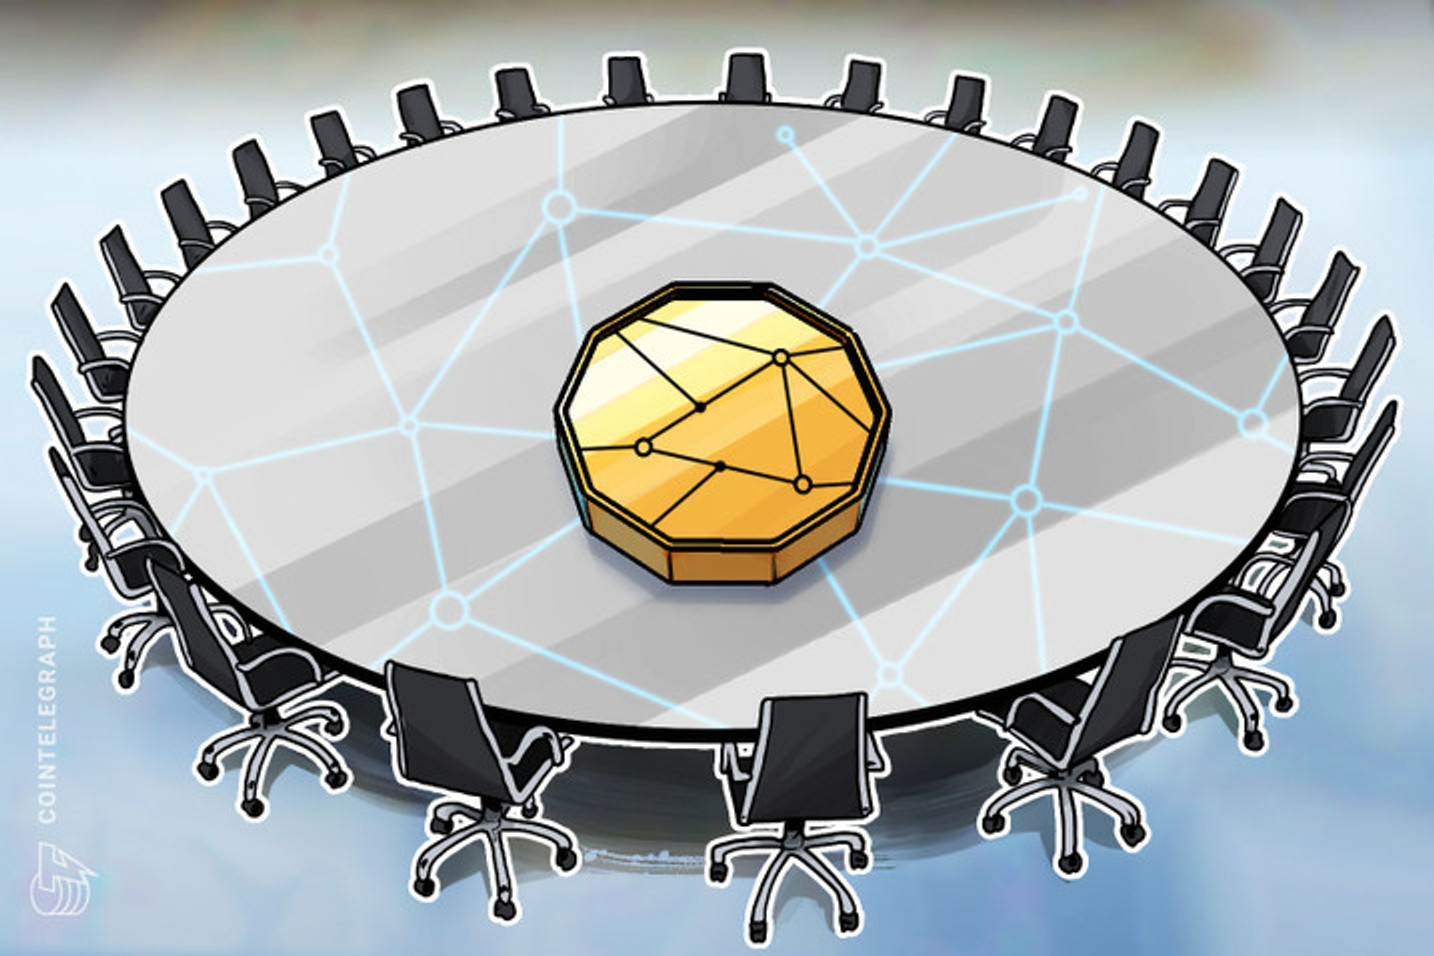 Banco Central cria grupo de estudo sobre emissão de moeda digital no Brasil